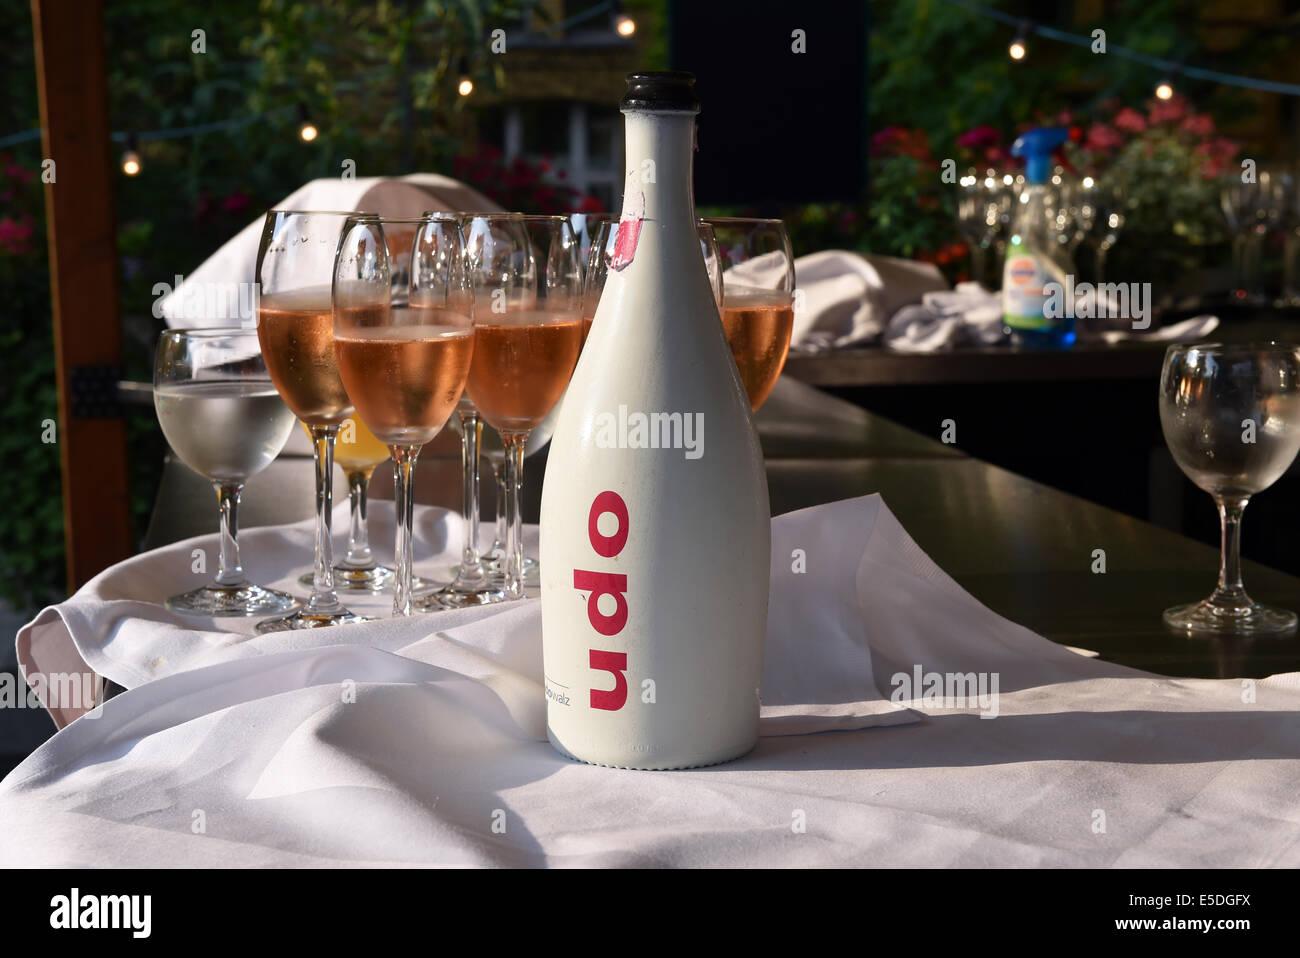 champagner der marke udo von udo walz steht auf einem tisch auf der party f r promi friseur. Black Bedroom Furniture Sets. Home Design Ideas